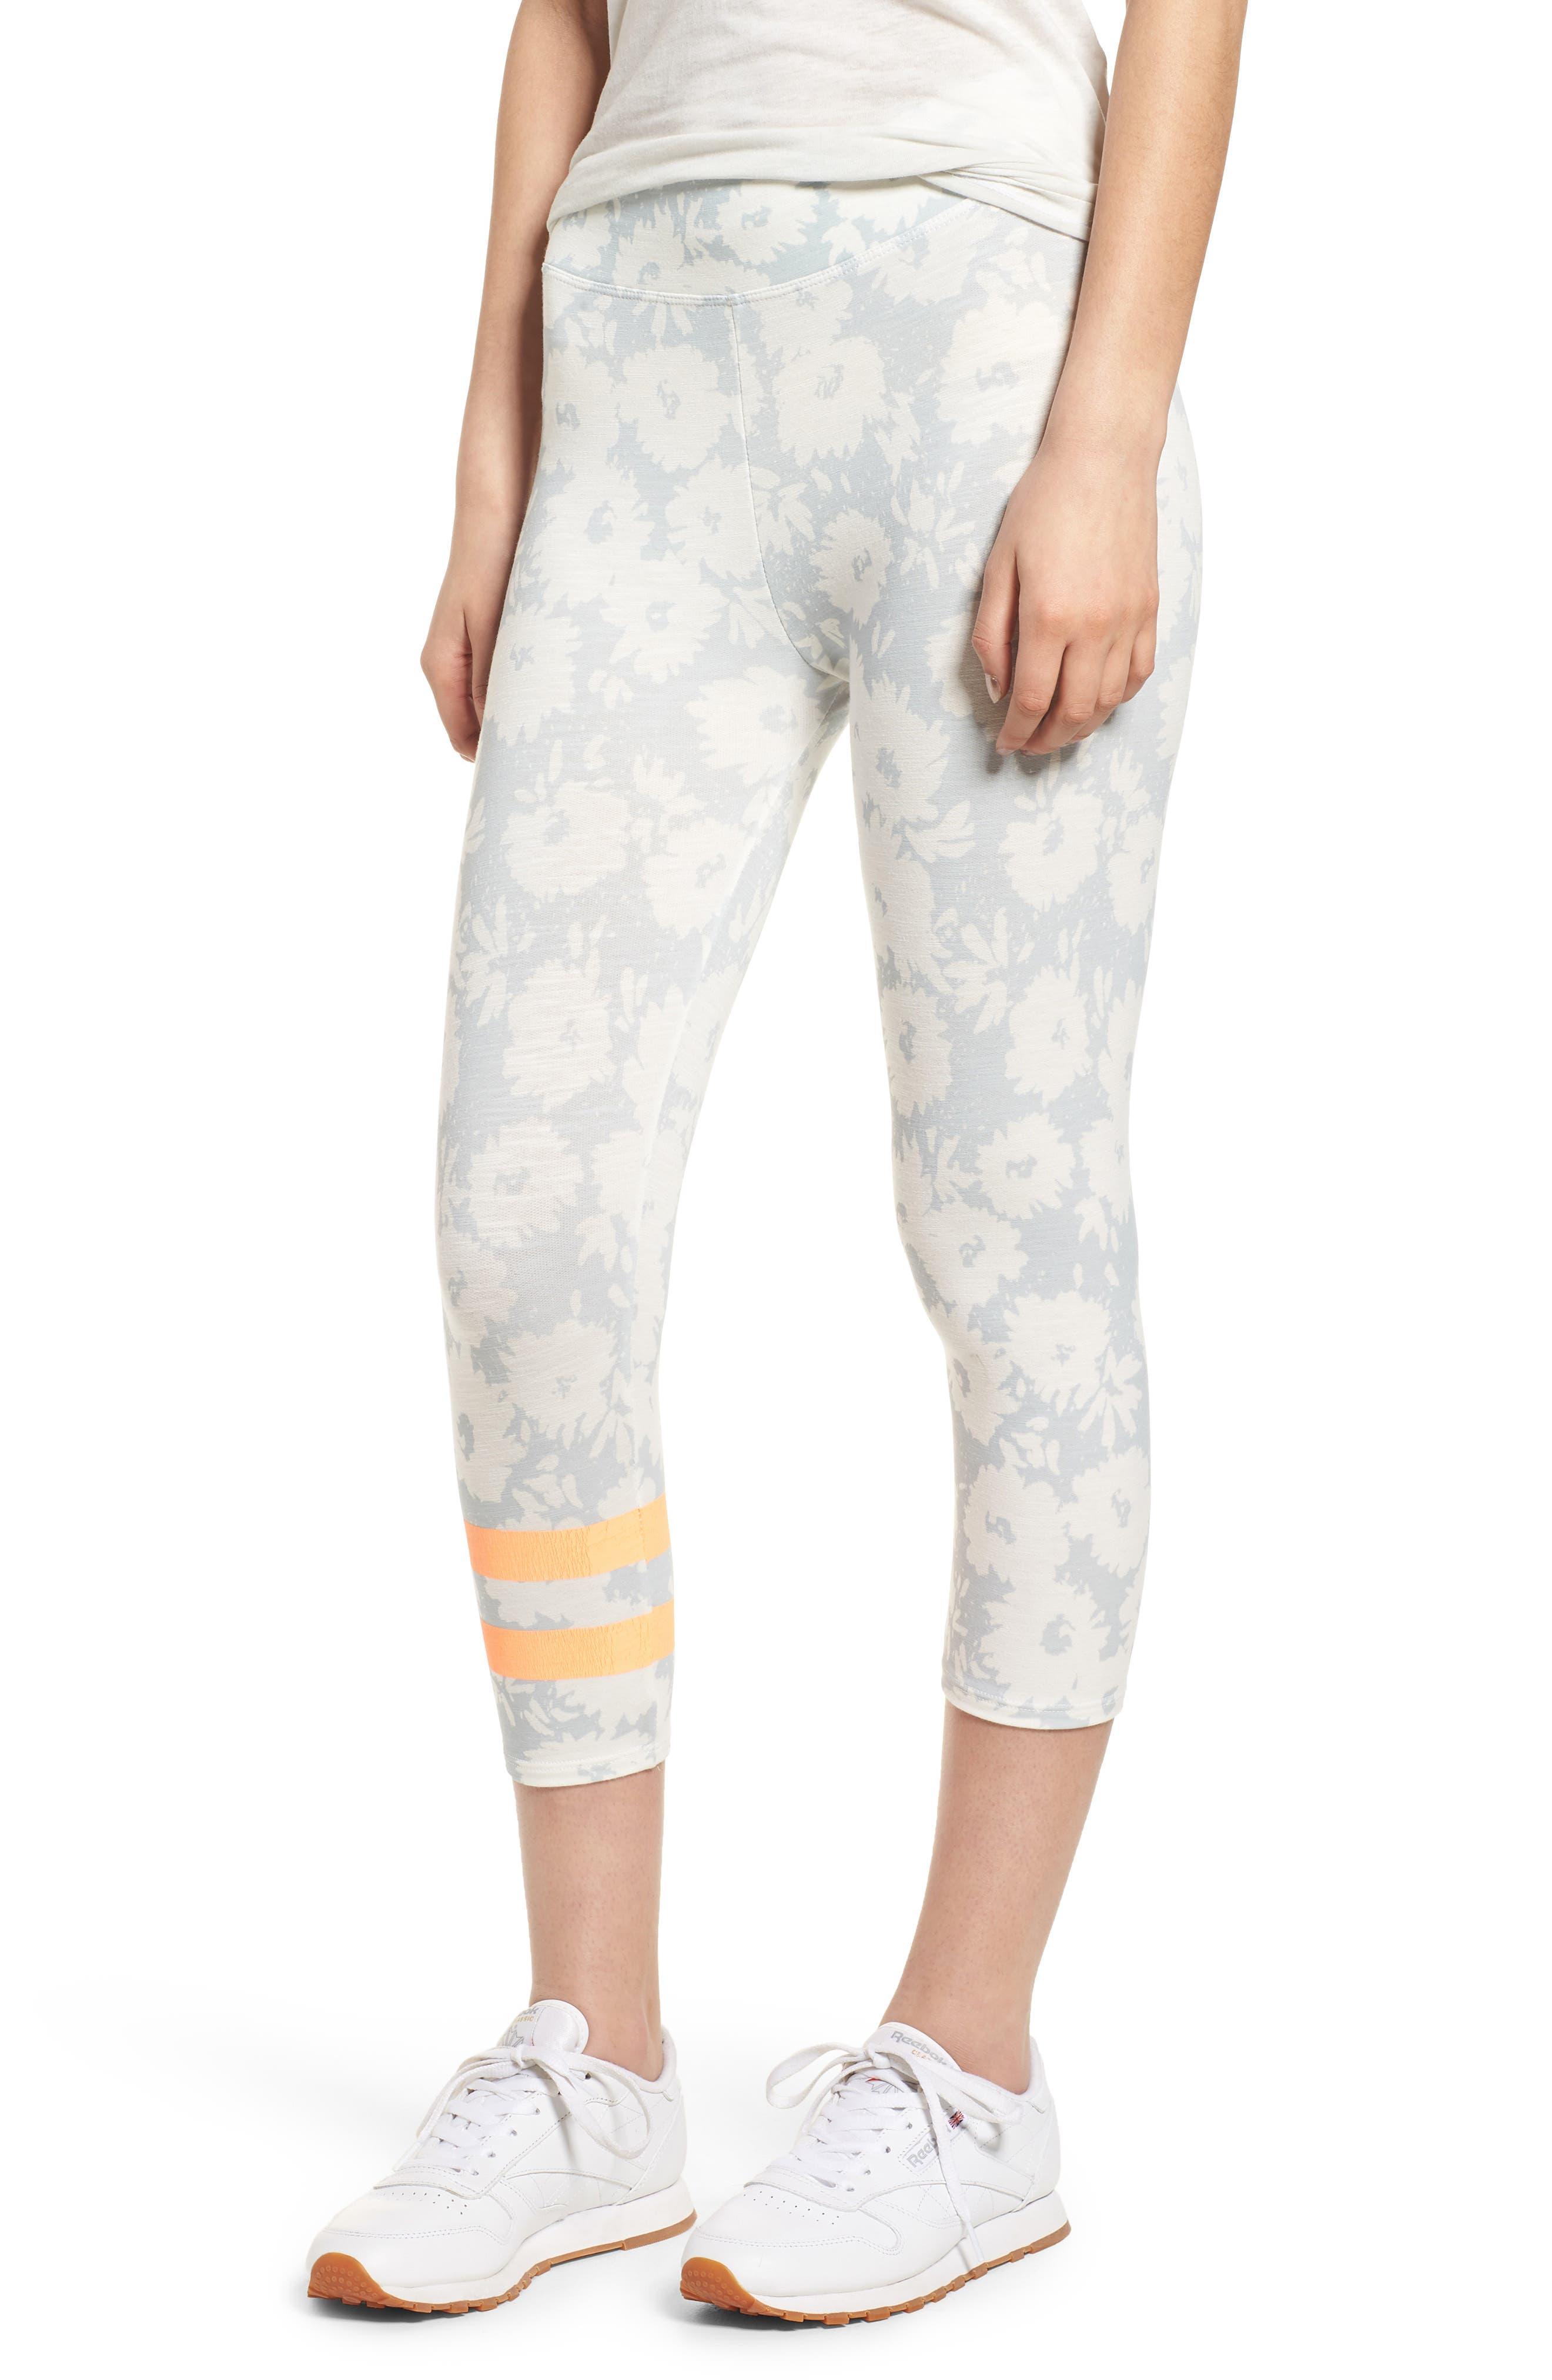 Main Image - Sundry Stripe Print Capri Yoga Pants